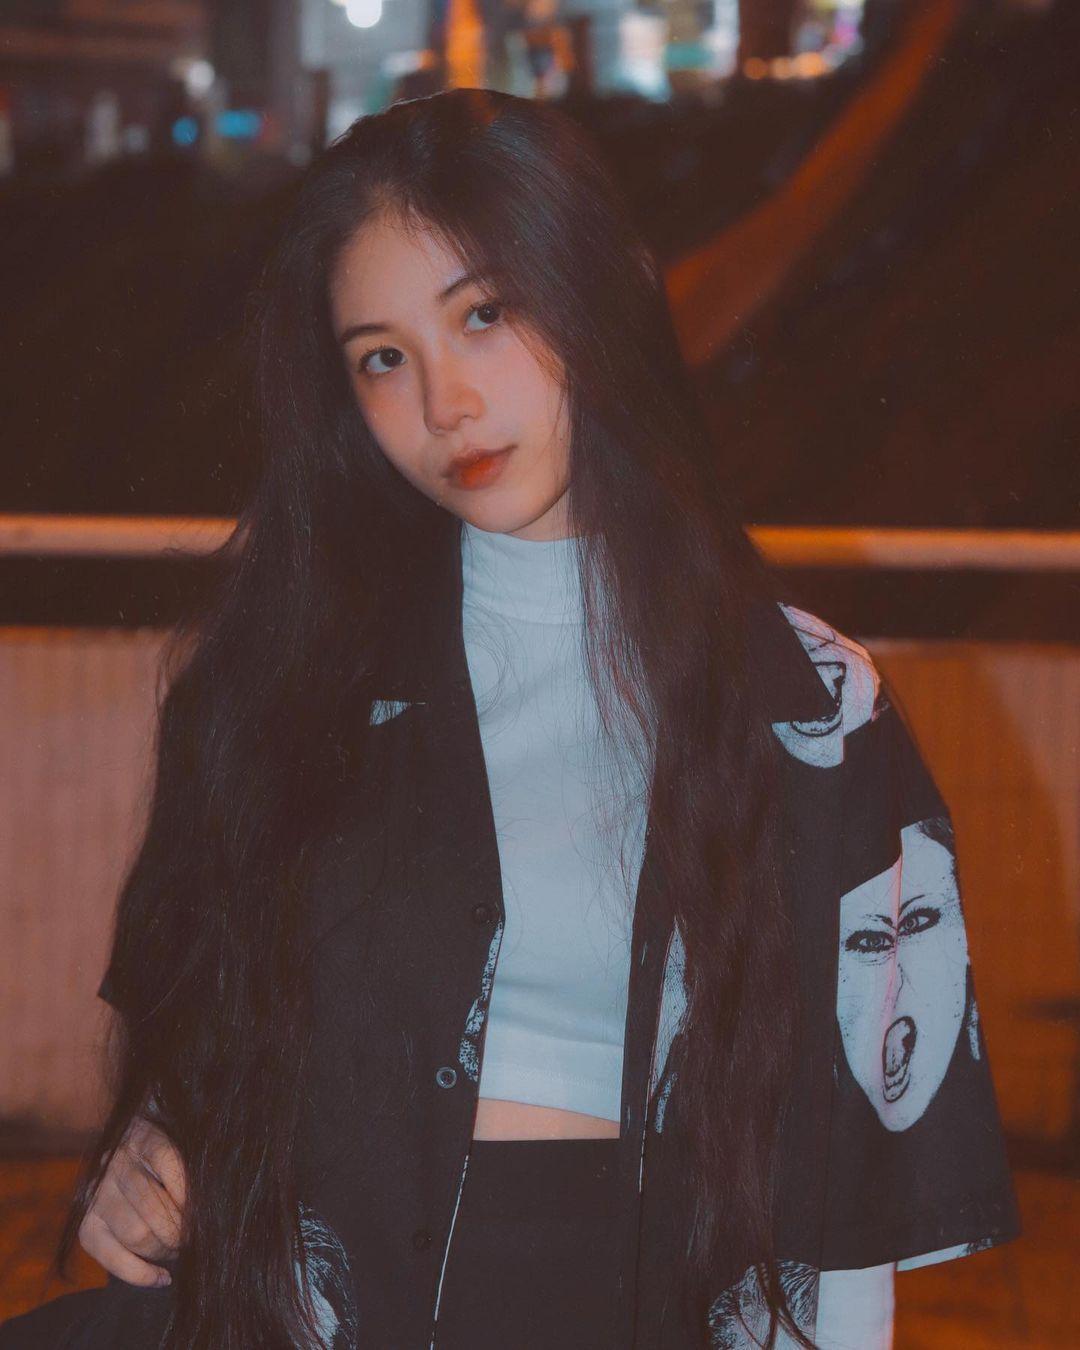 天菜越南妹「Kim Anh」迷蒙眼神仿佛随时在放电空灵气质更是无比疗愈人心 养眼图片 第18张